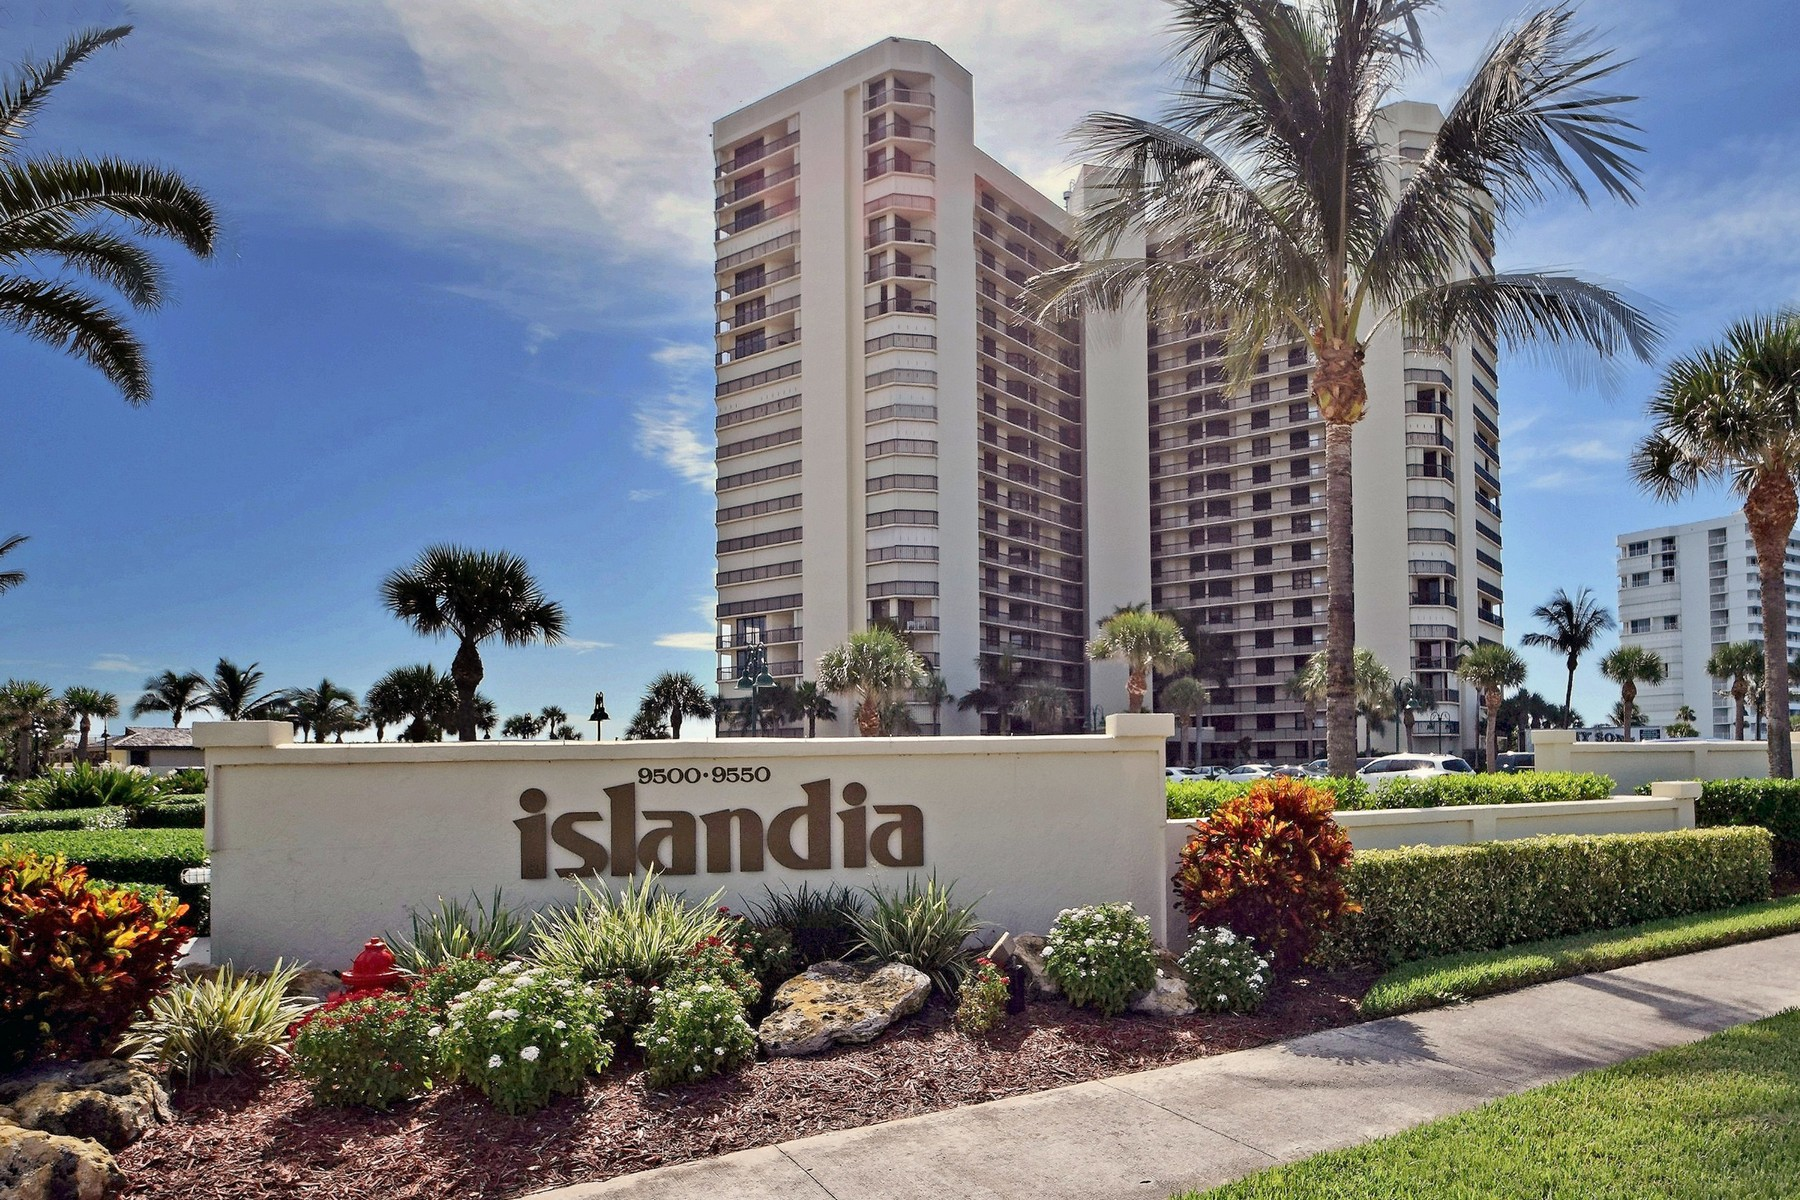 콘도미니엄 용 매매 에 Islandia Penthouse Condo 9500 S Ocean Drive PH-08 Jensen Beach, 플로리다 34957 미국